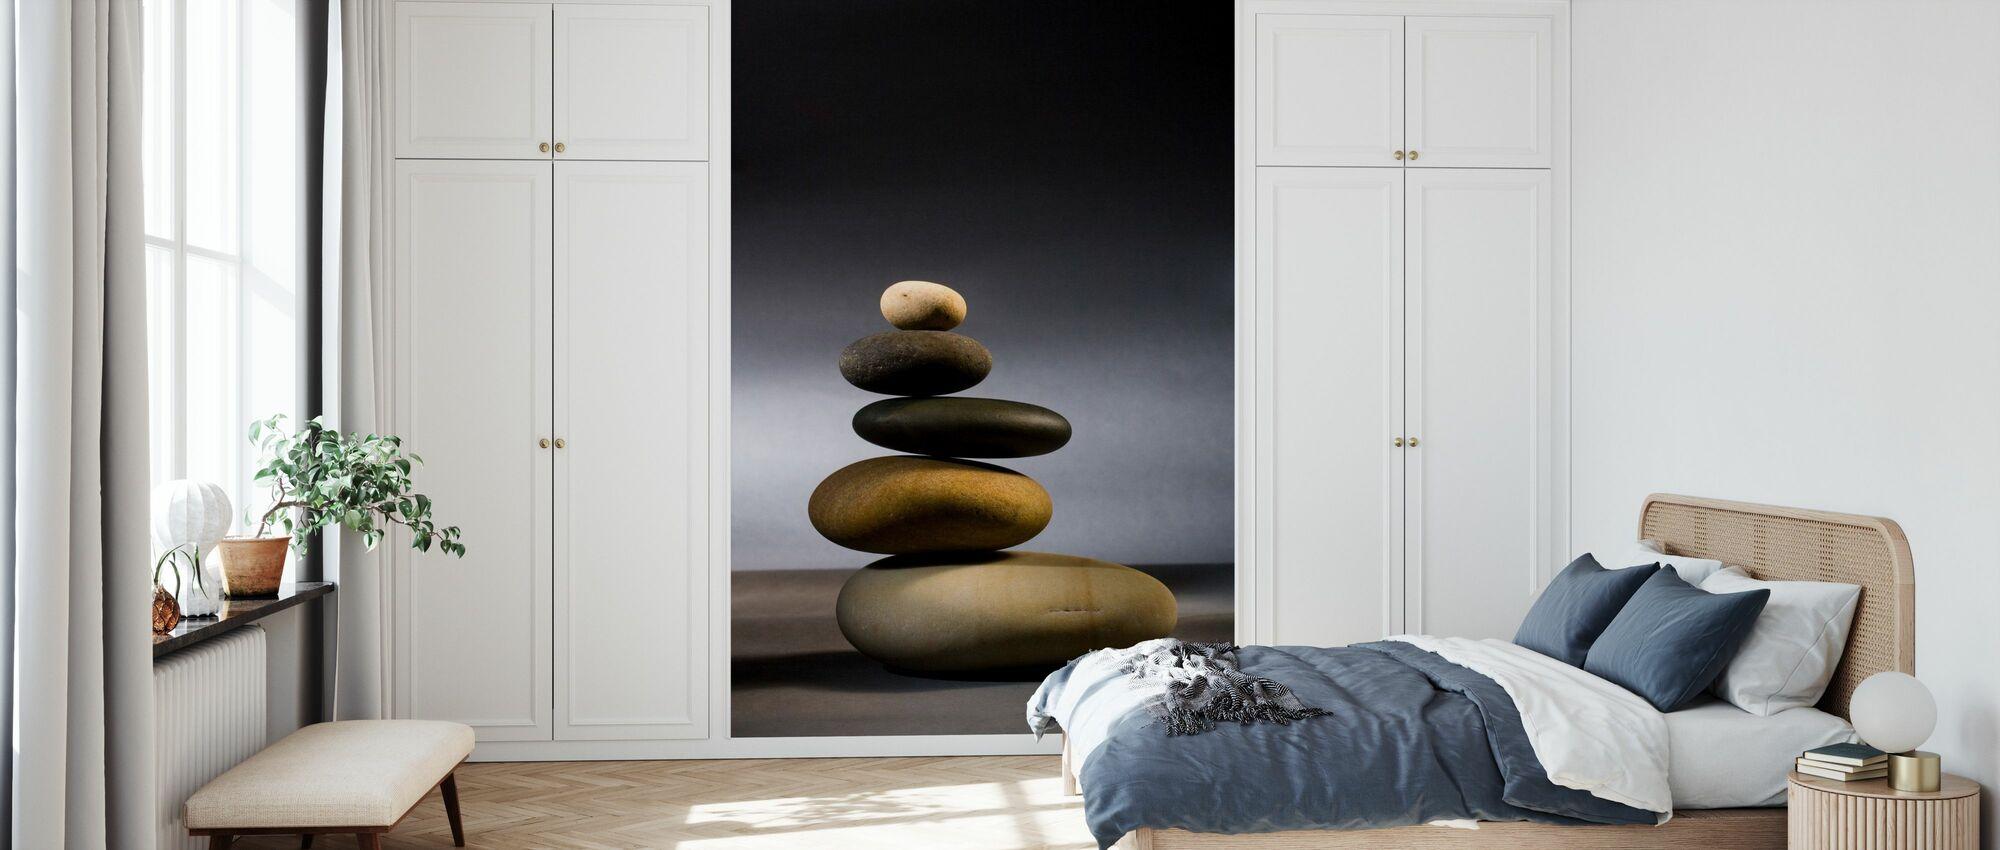 Stones in Zen Balance - Wallpaper - Bedroom